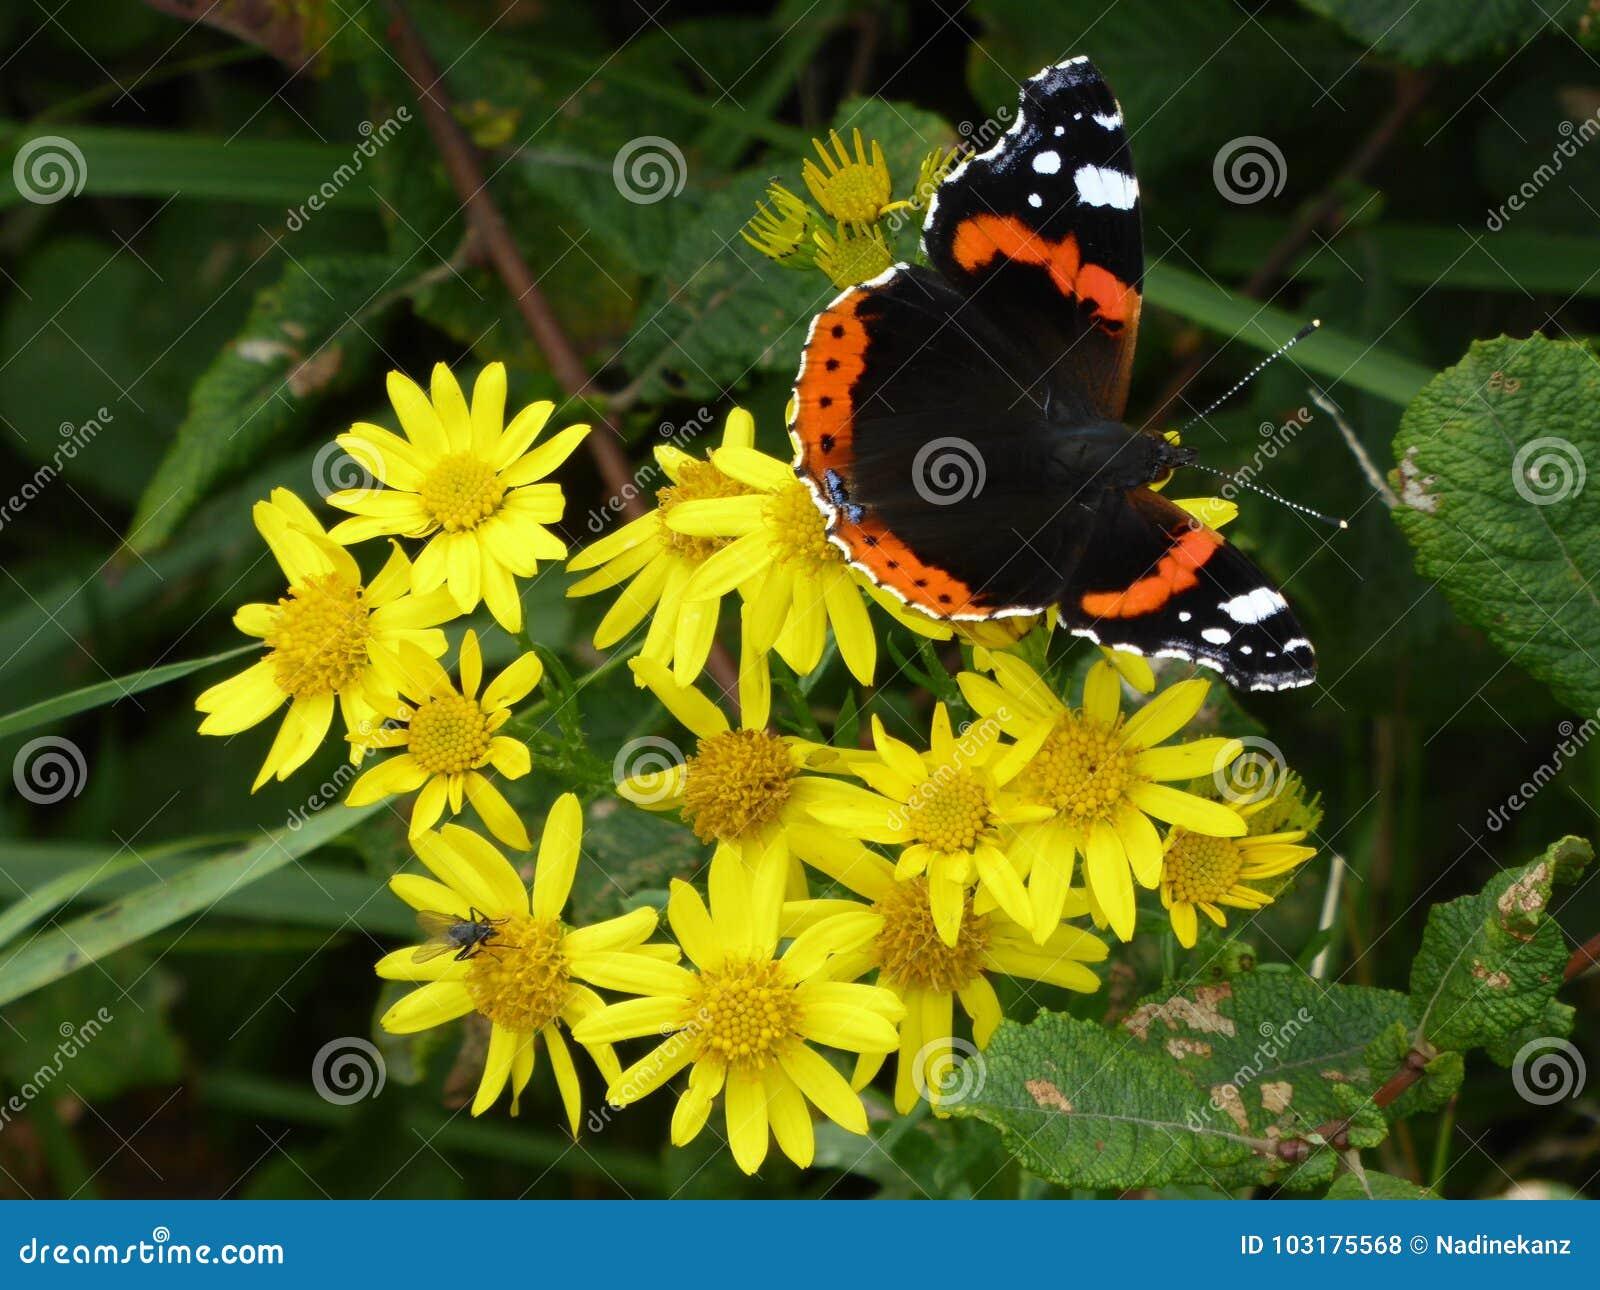 Mariposa del primer en mariposa común del tigre de la flor